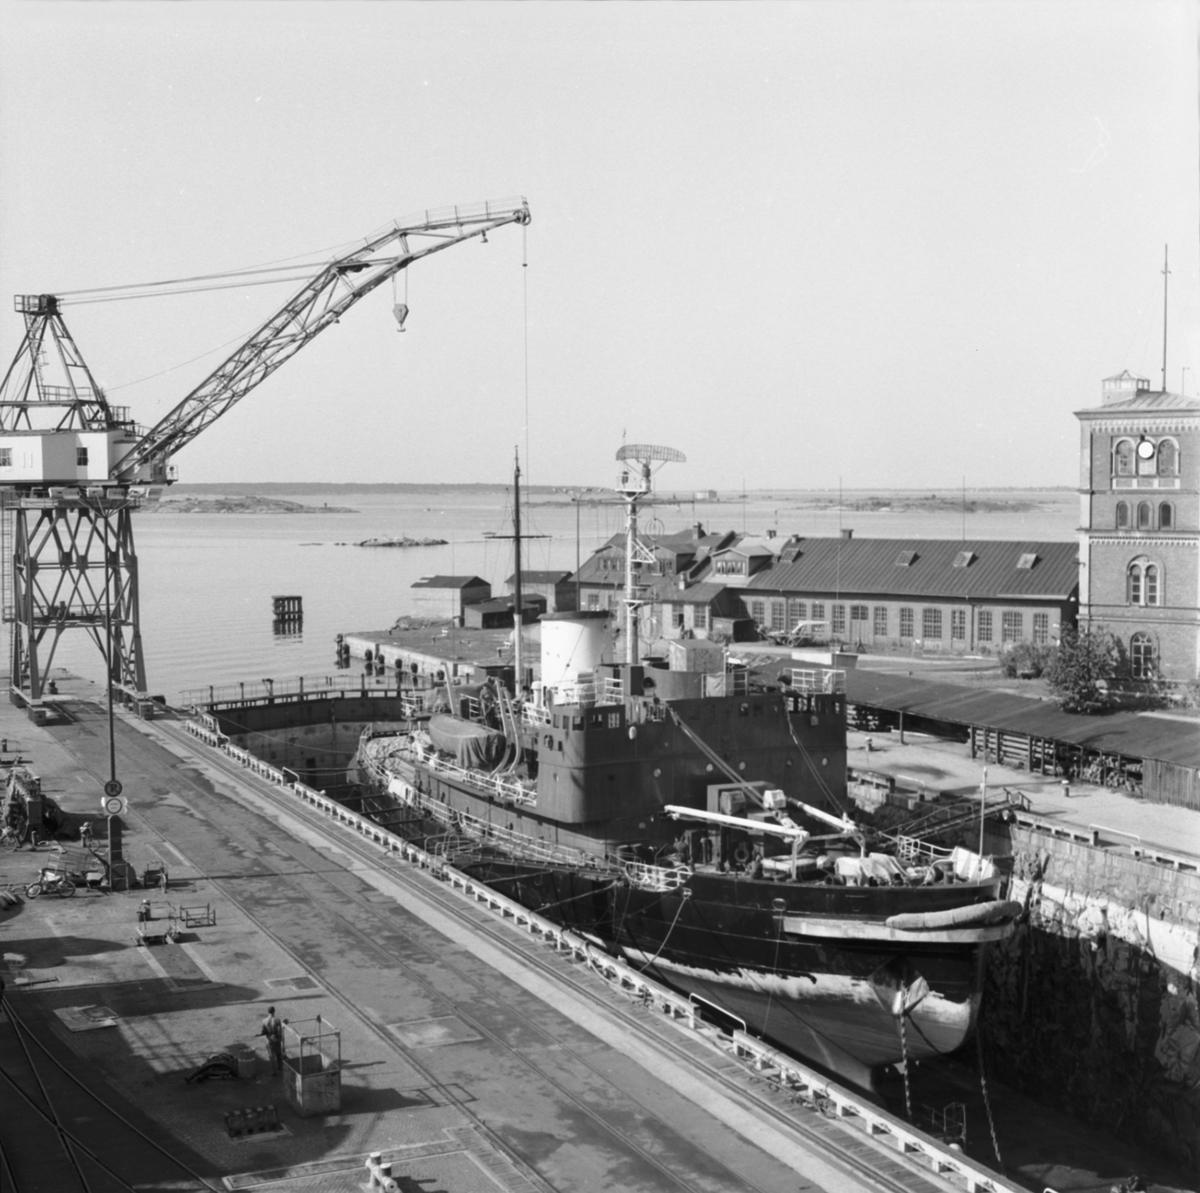 Fartyg: THULE                           Rederi: Svenska staten Byggår: 1953 Varv: Örlogsvarvet, Karlskrona Övrigt: Thule i Oscarsdockan